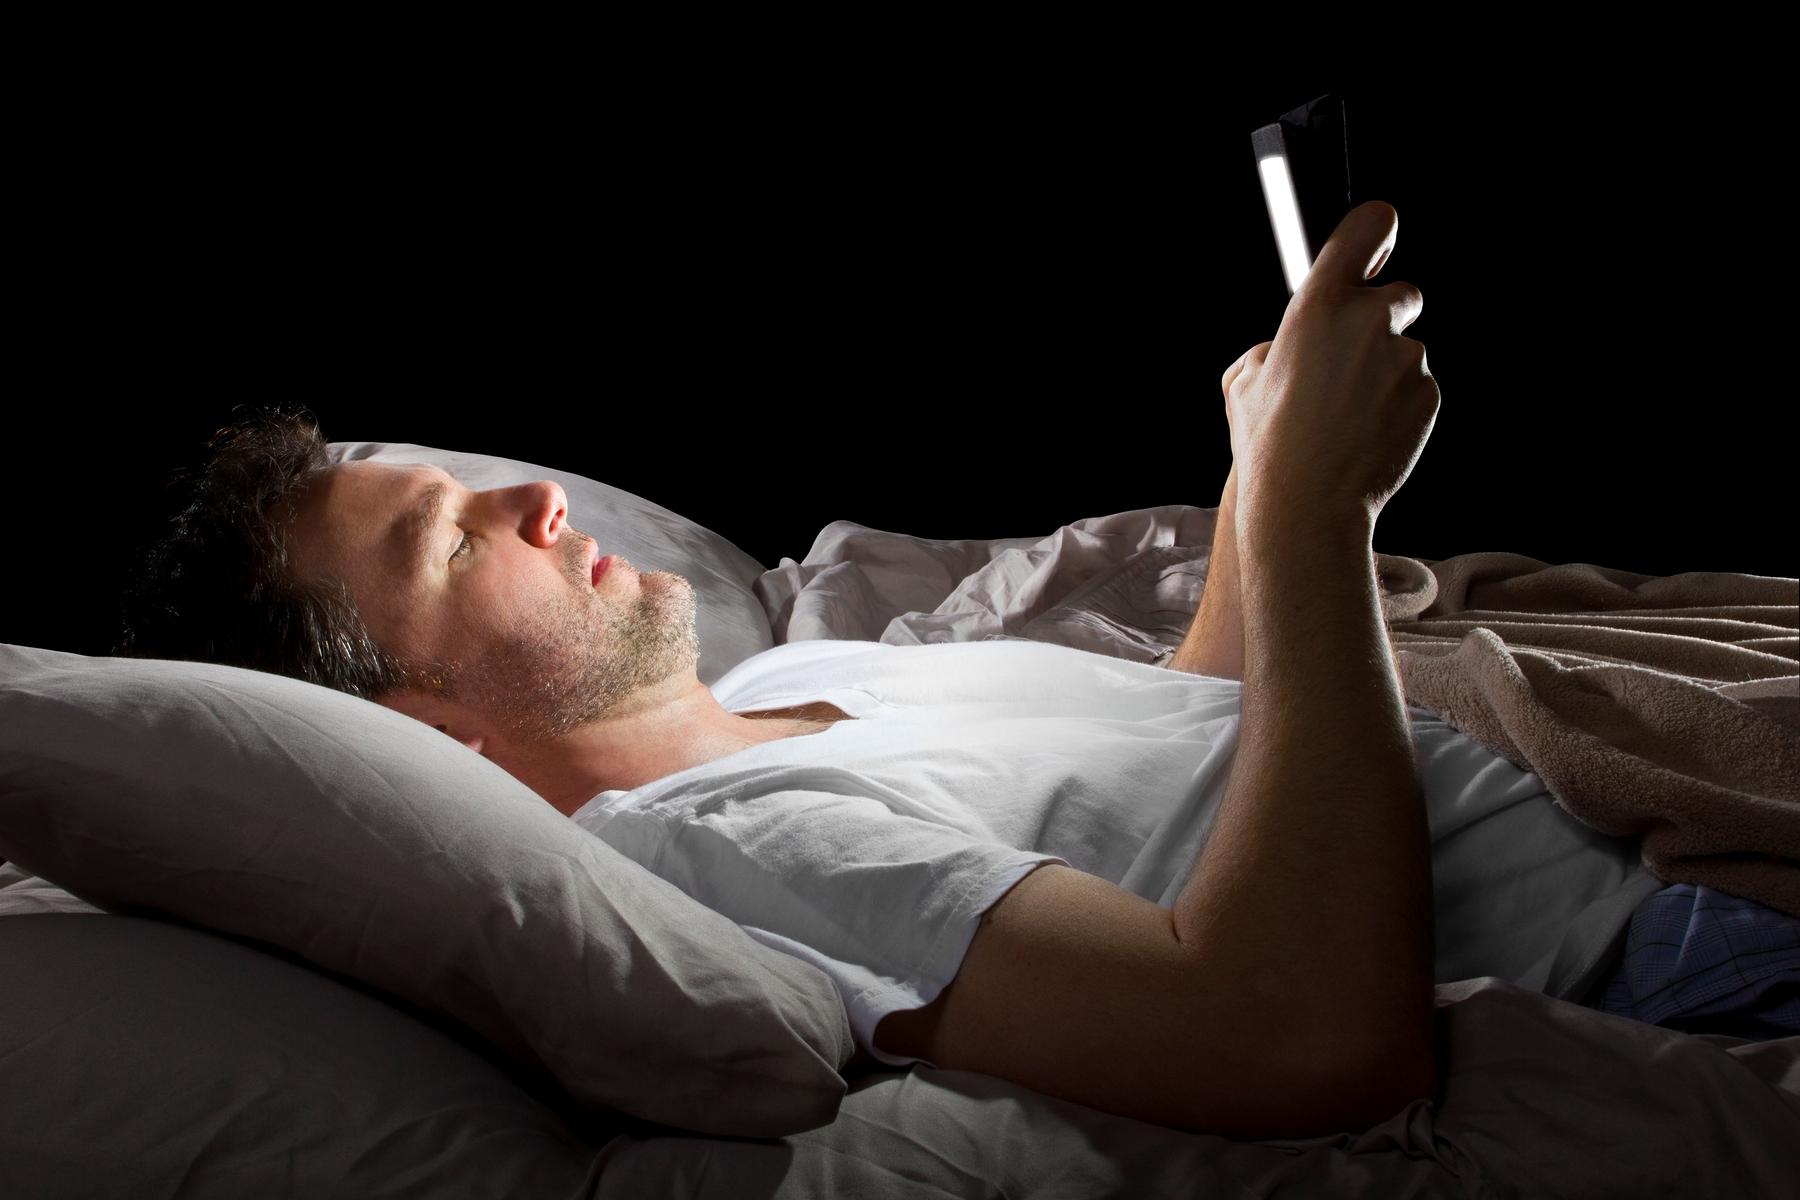 Homem deitado no escuro, com o celular em mãos, buscando passagens aéreas de madrugada.